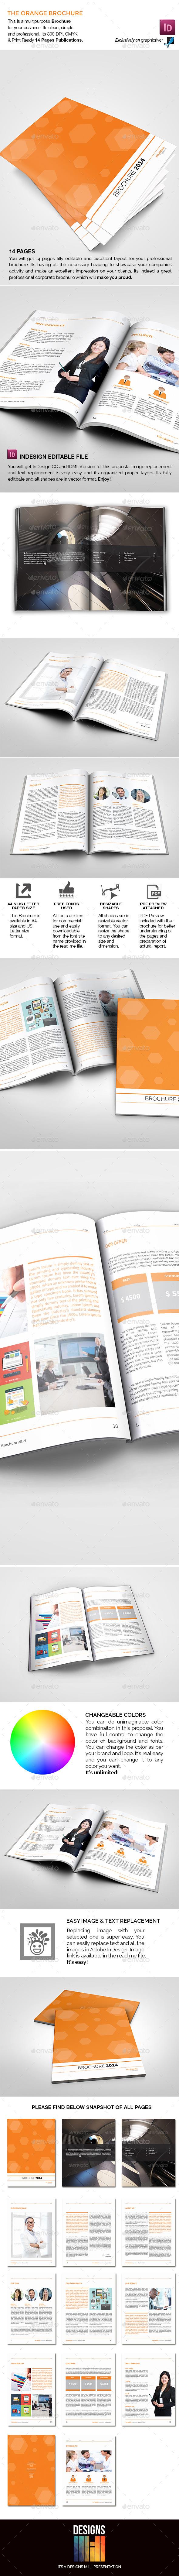 The Orange Brochure - Corporate Brochures